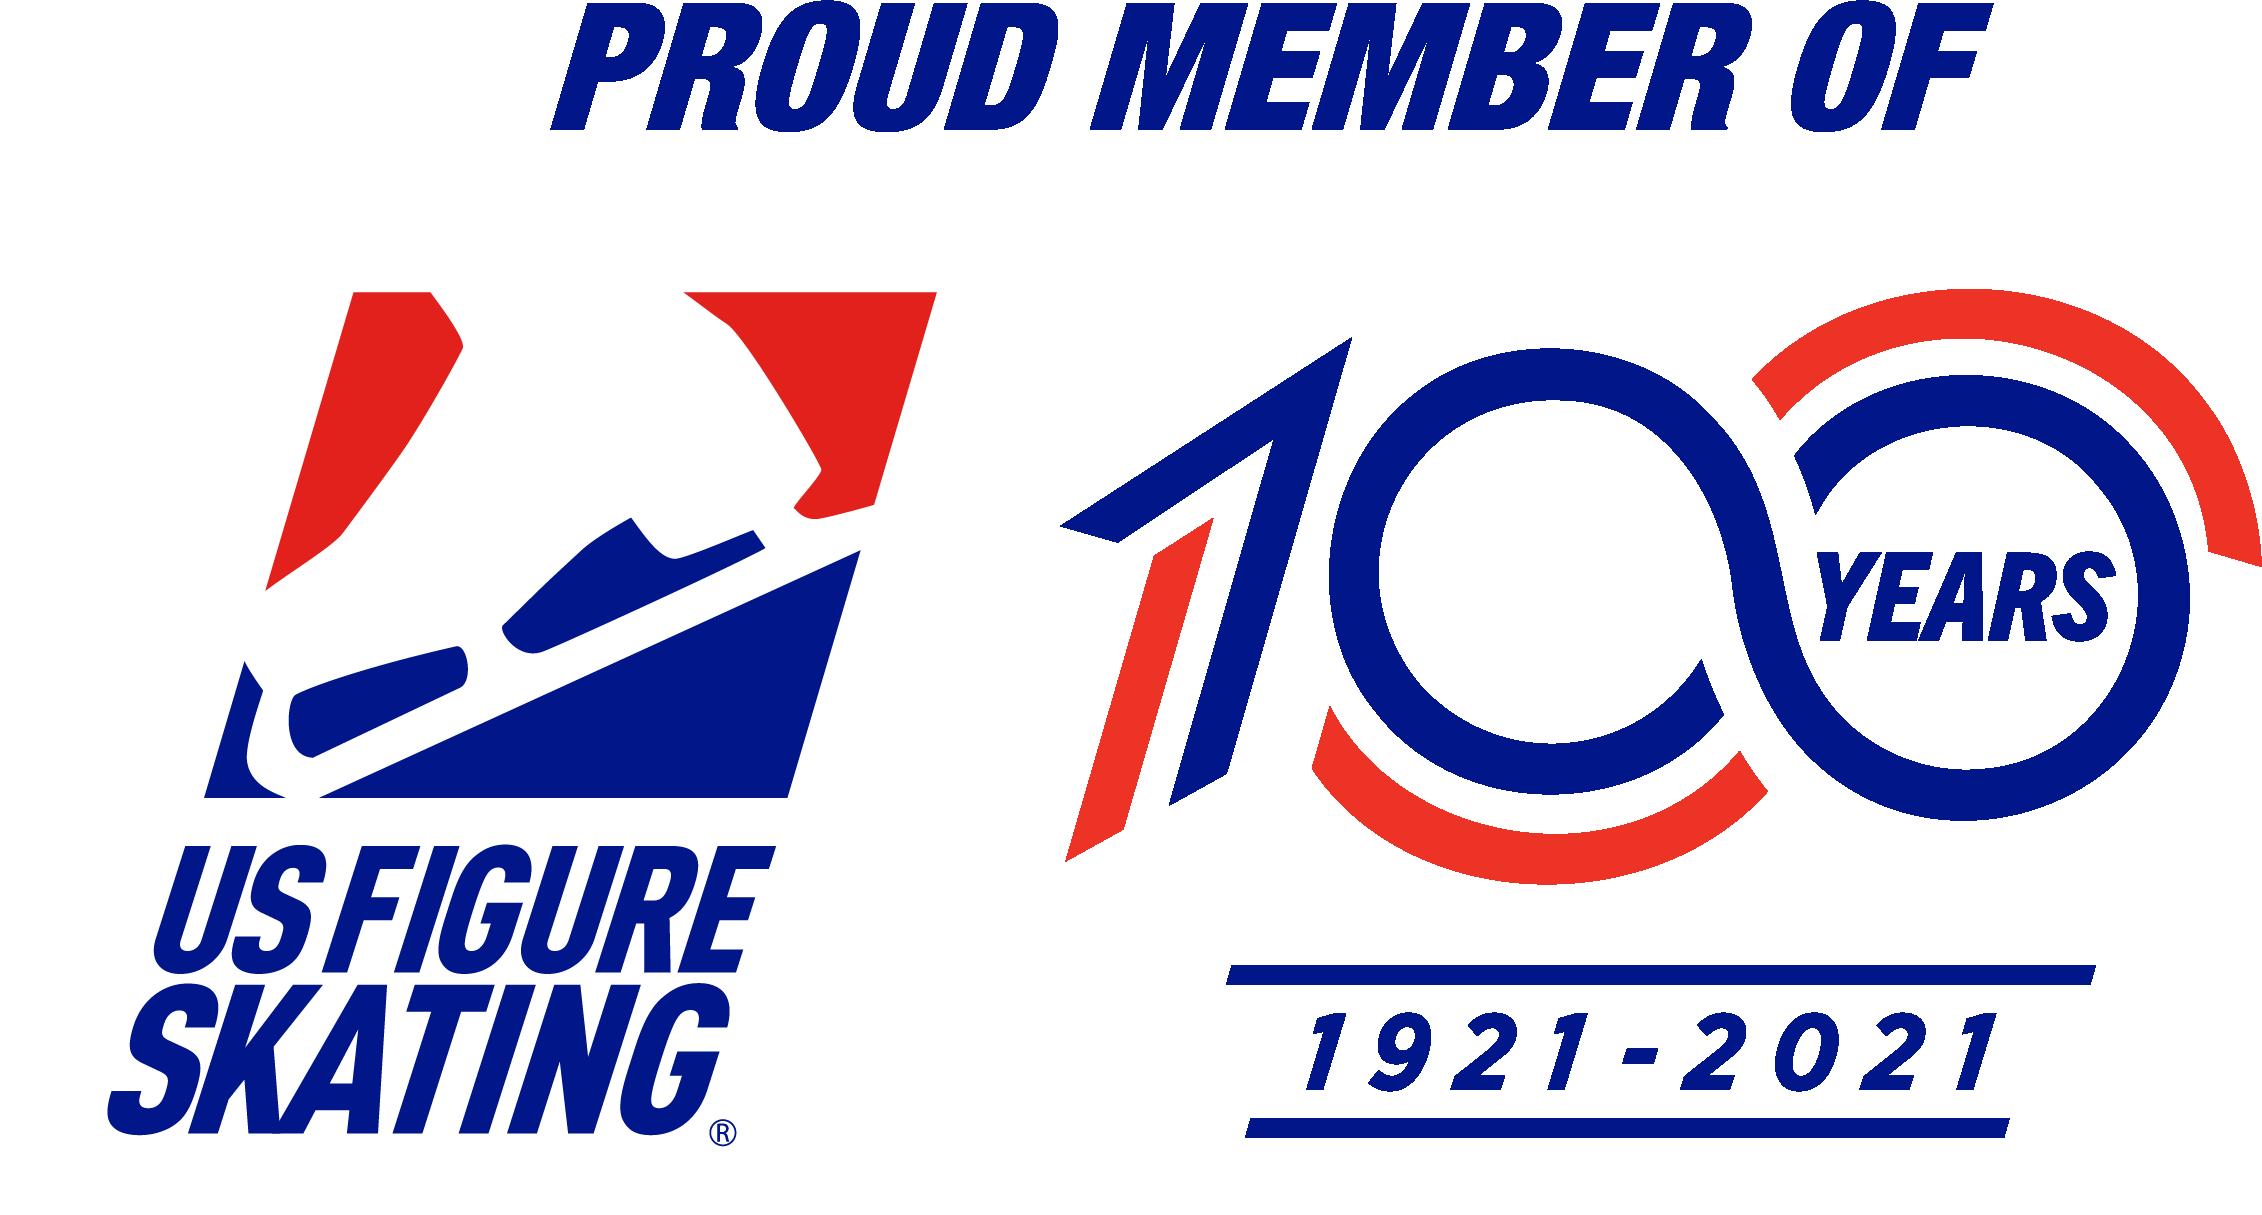 2021_USFS_proud member